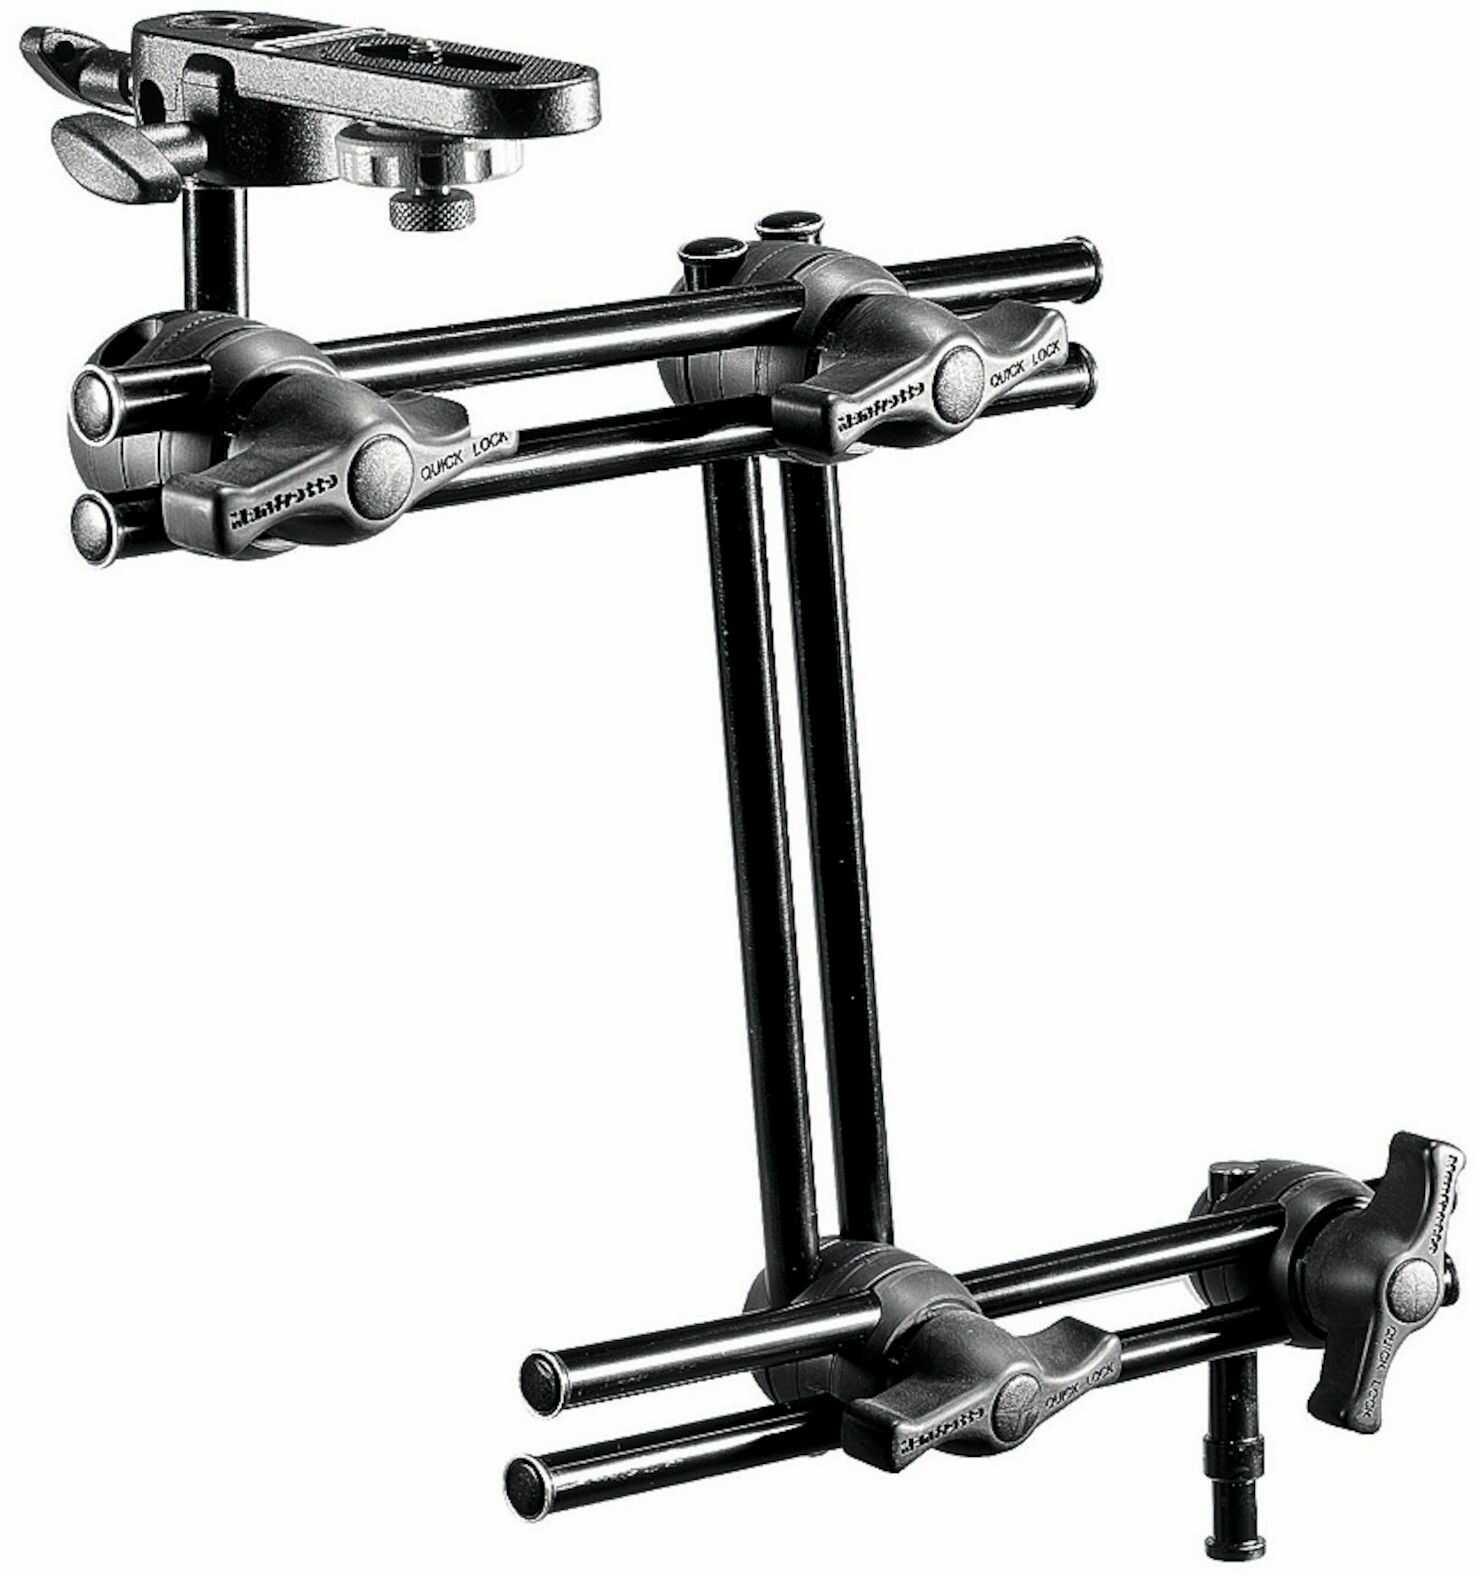 Manfrotto 396B-3 - Mini arm / ramię podwójne 3-sekcyjne + Manfrotto 143BKT Manfrotto 396B-3 - Mini arm / ramię podwójne 3-sekcyjne + Manfrotto 143BKT